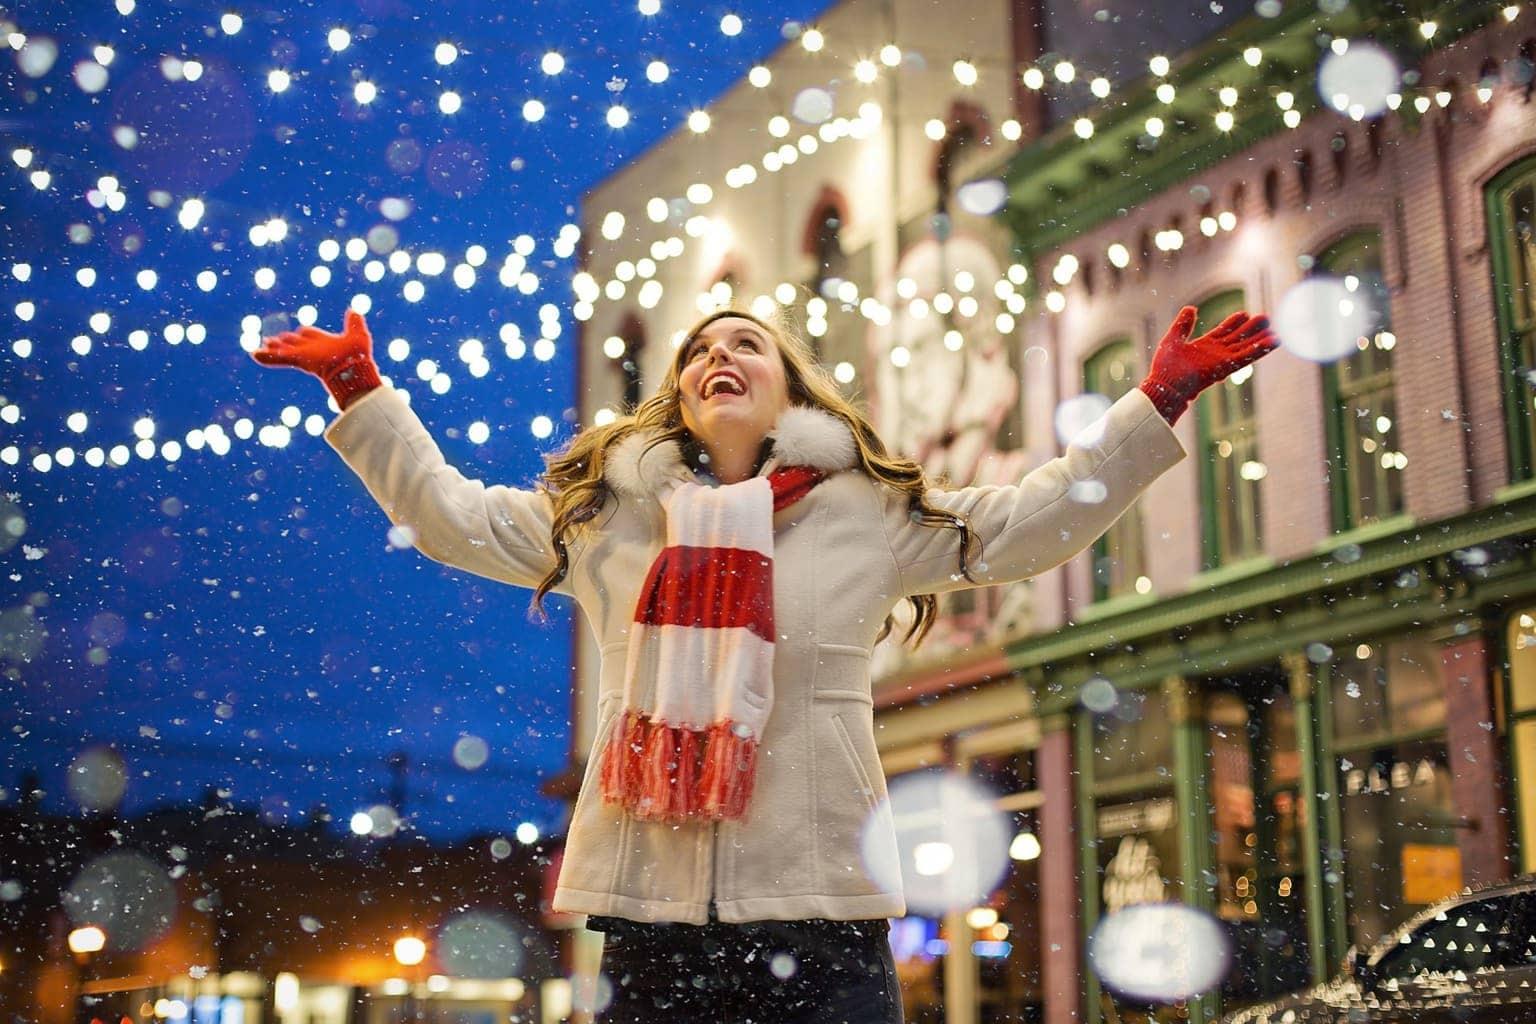 fotografía navideña de una chica feliz